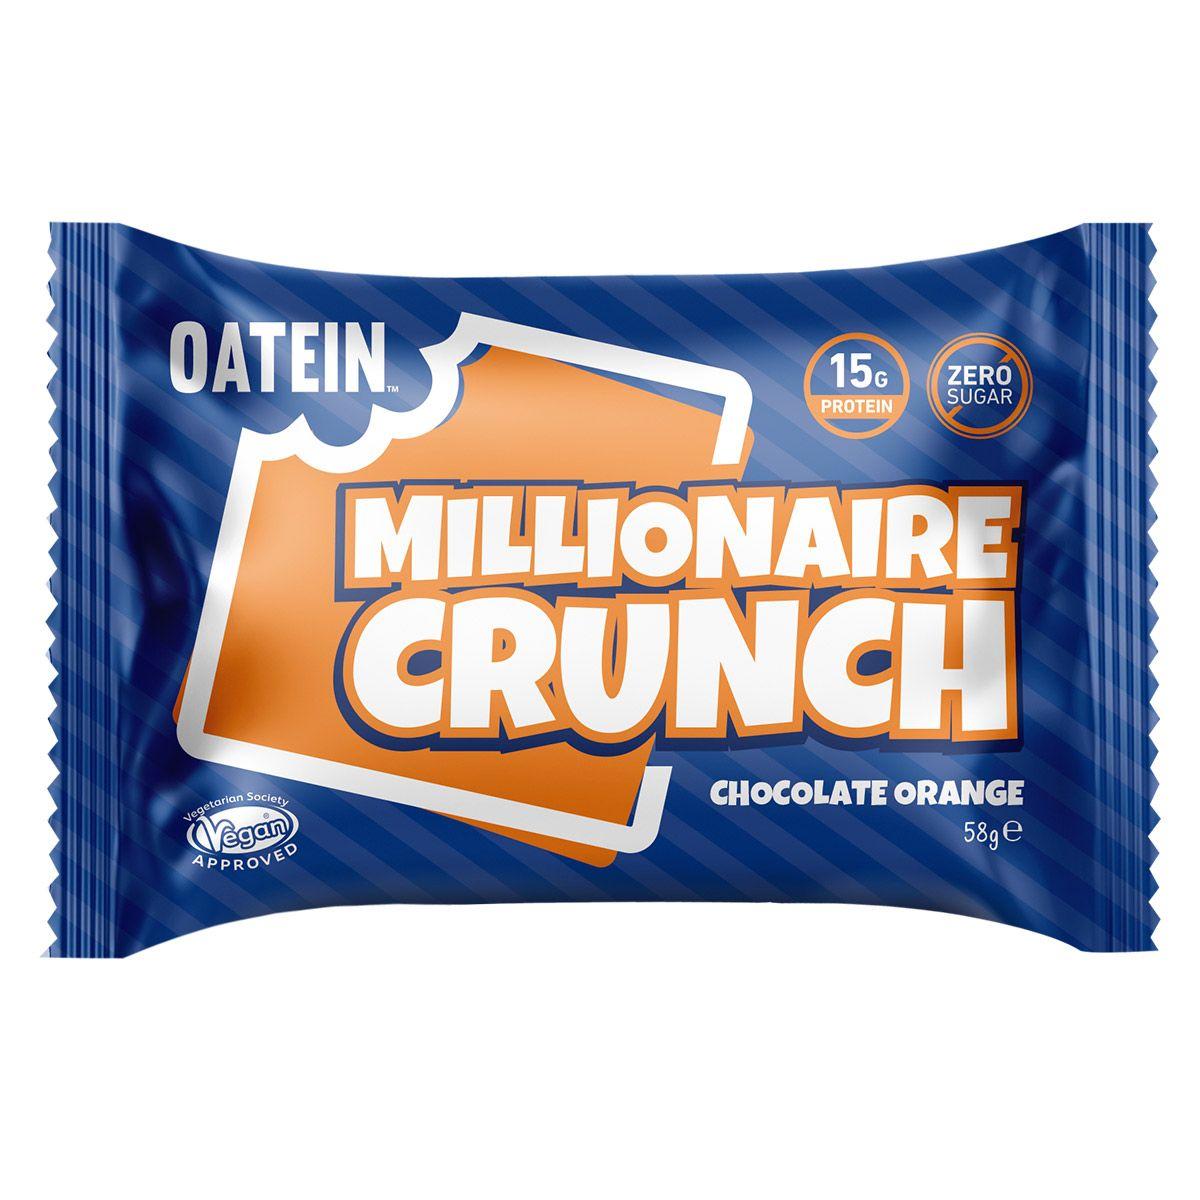 Oatein Millionaire Crunch - Chocolate Orange 58g